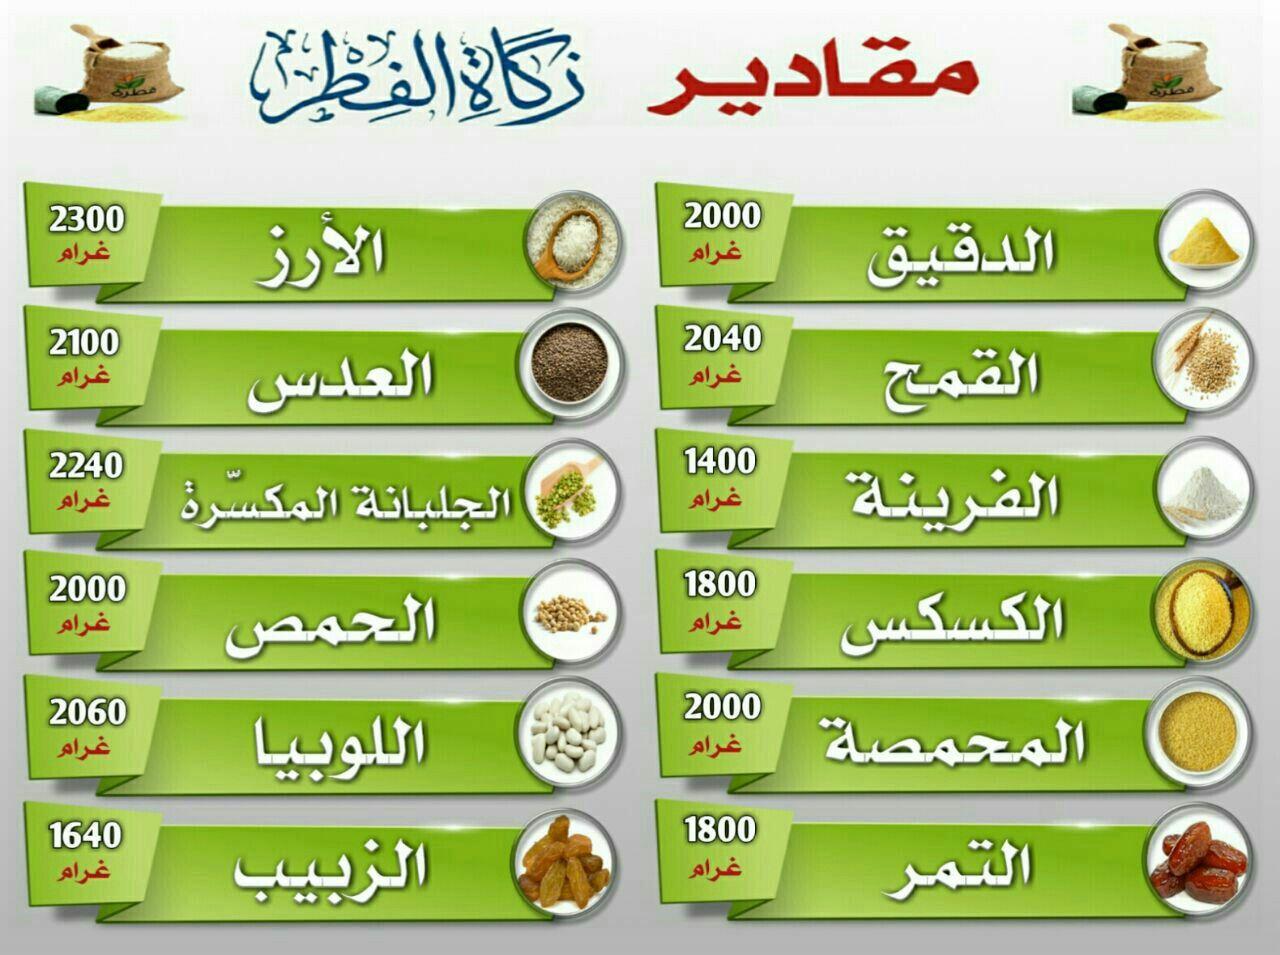 هذه مقادير زكاة الفطر أيها المسلم الحريص على نقاء صيامك من اللغو والرفث Islam Ale Food